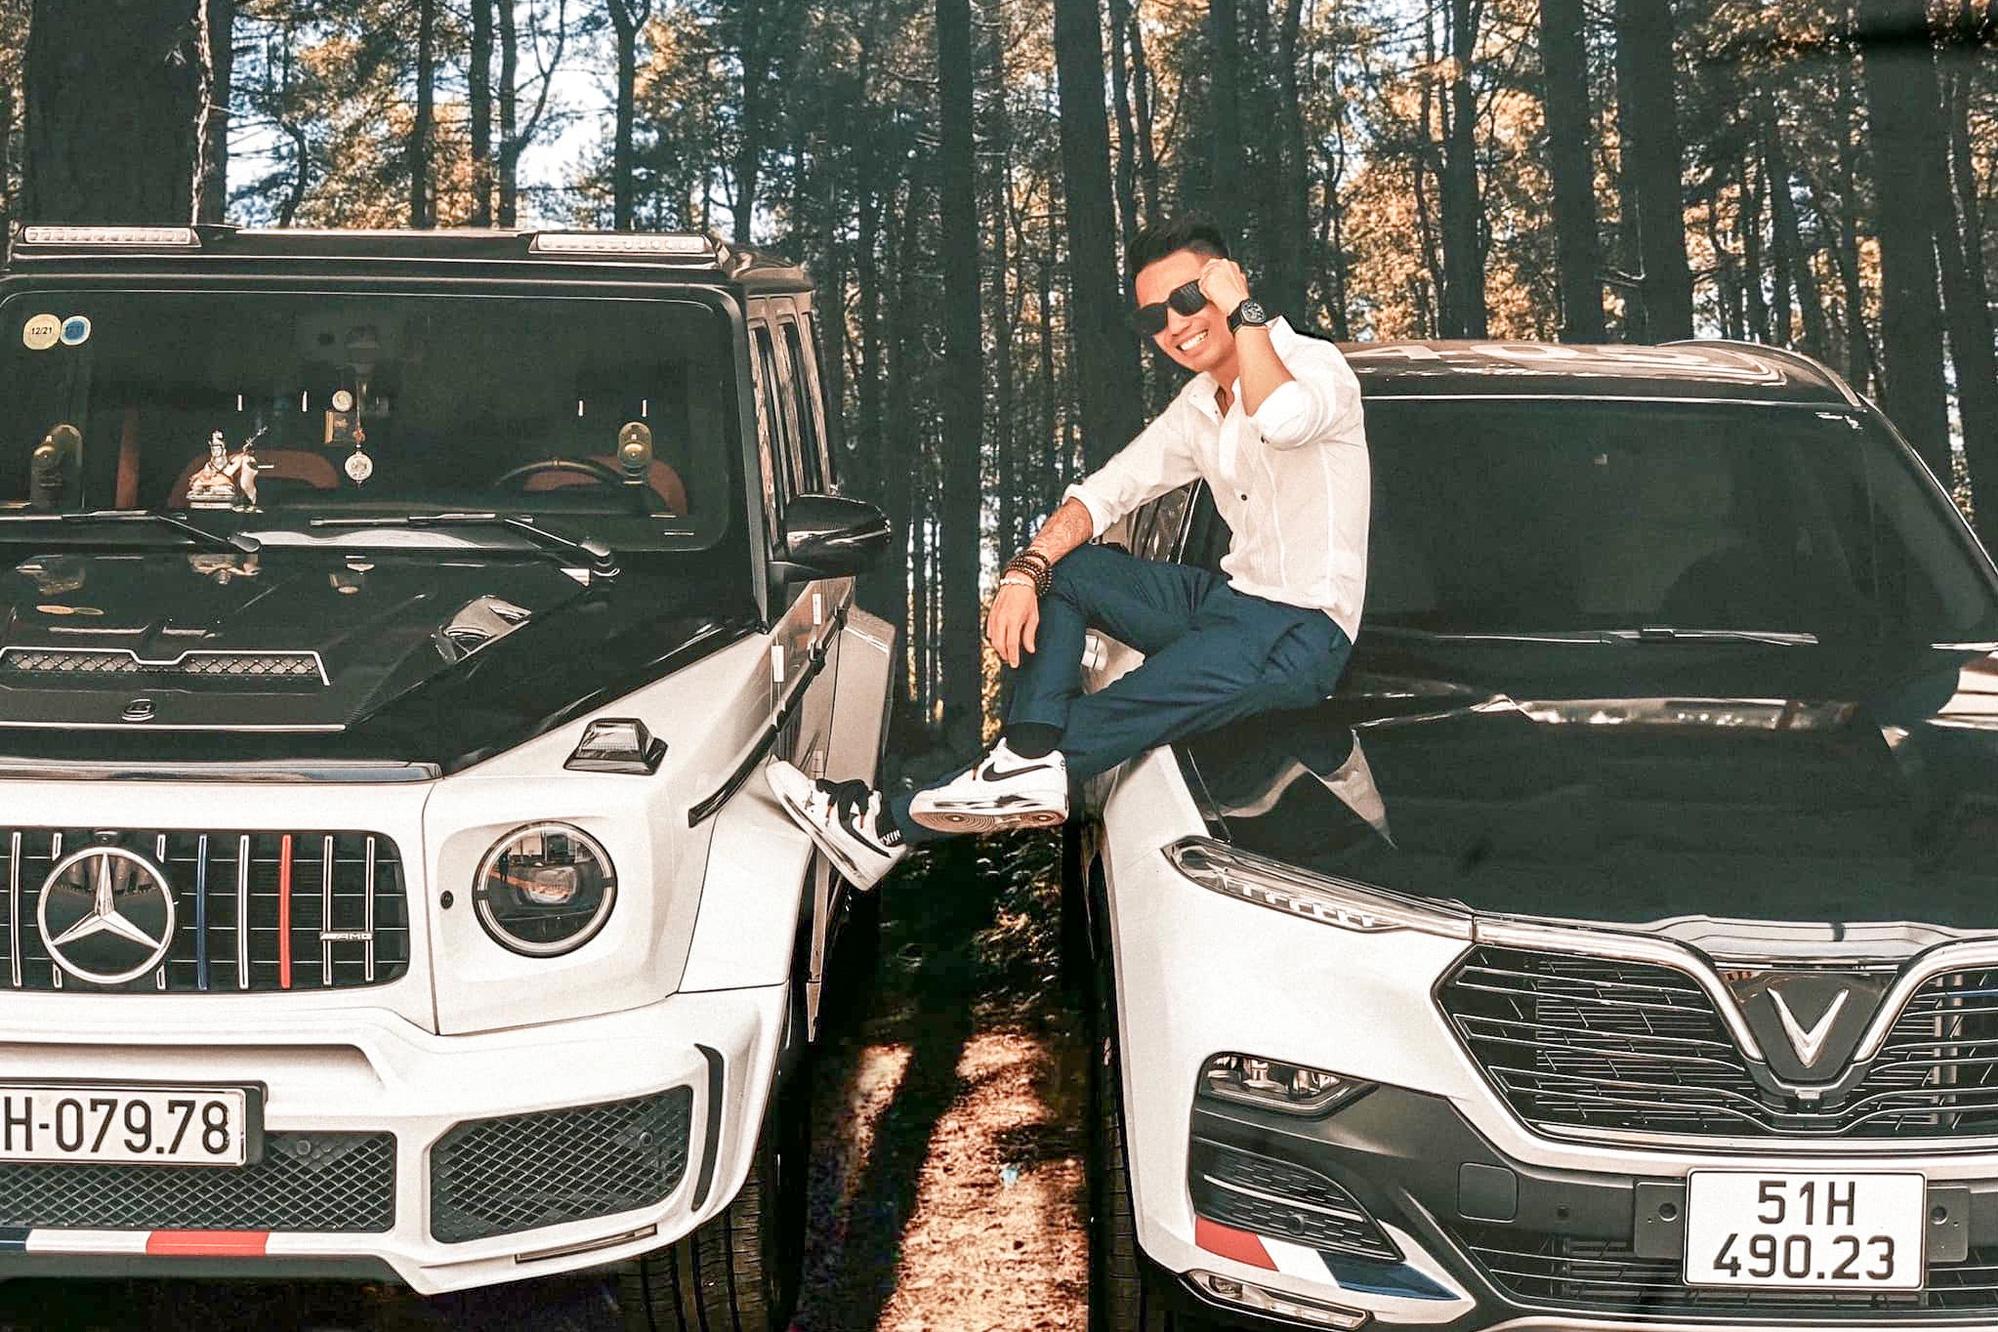 Minh 'Nhựa' khoe VinFast Lux SA mới tậu ngầu như Mercedes-AMG G 63, CĐM thắc mắc: 'Sao anh không mua President?'